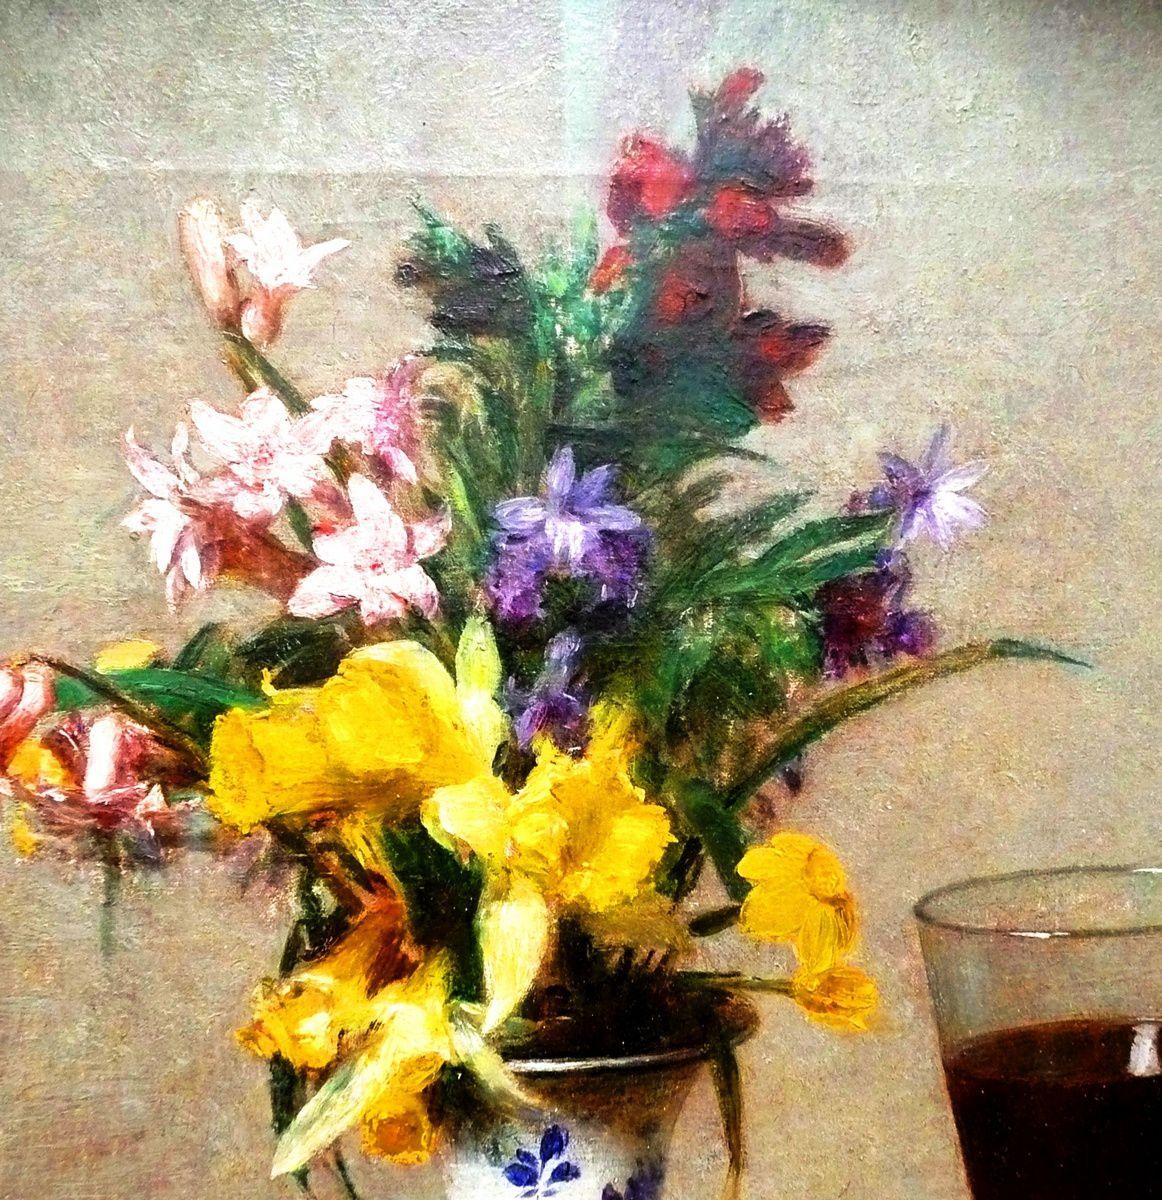 Fleurs du passé - flowers from the past